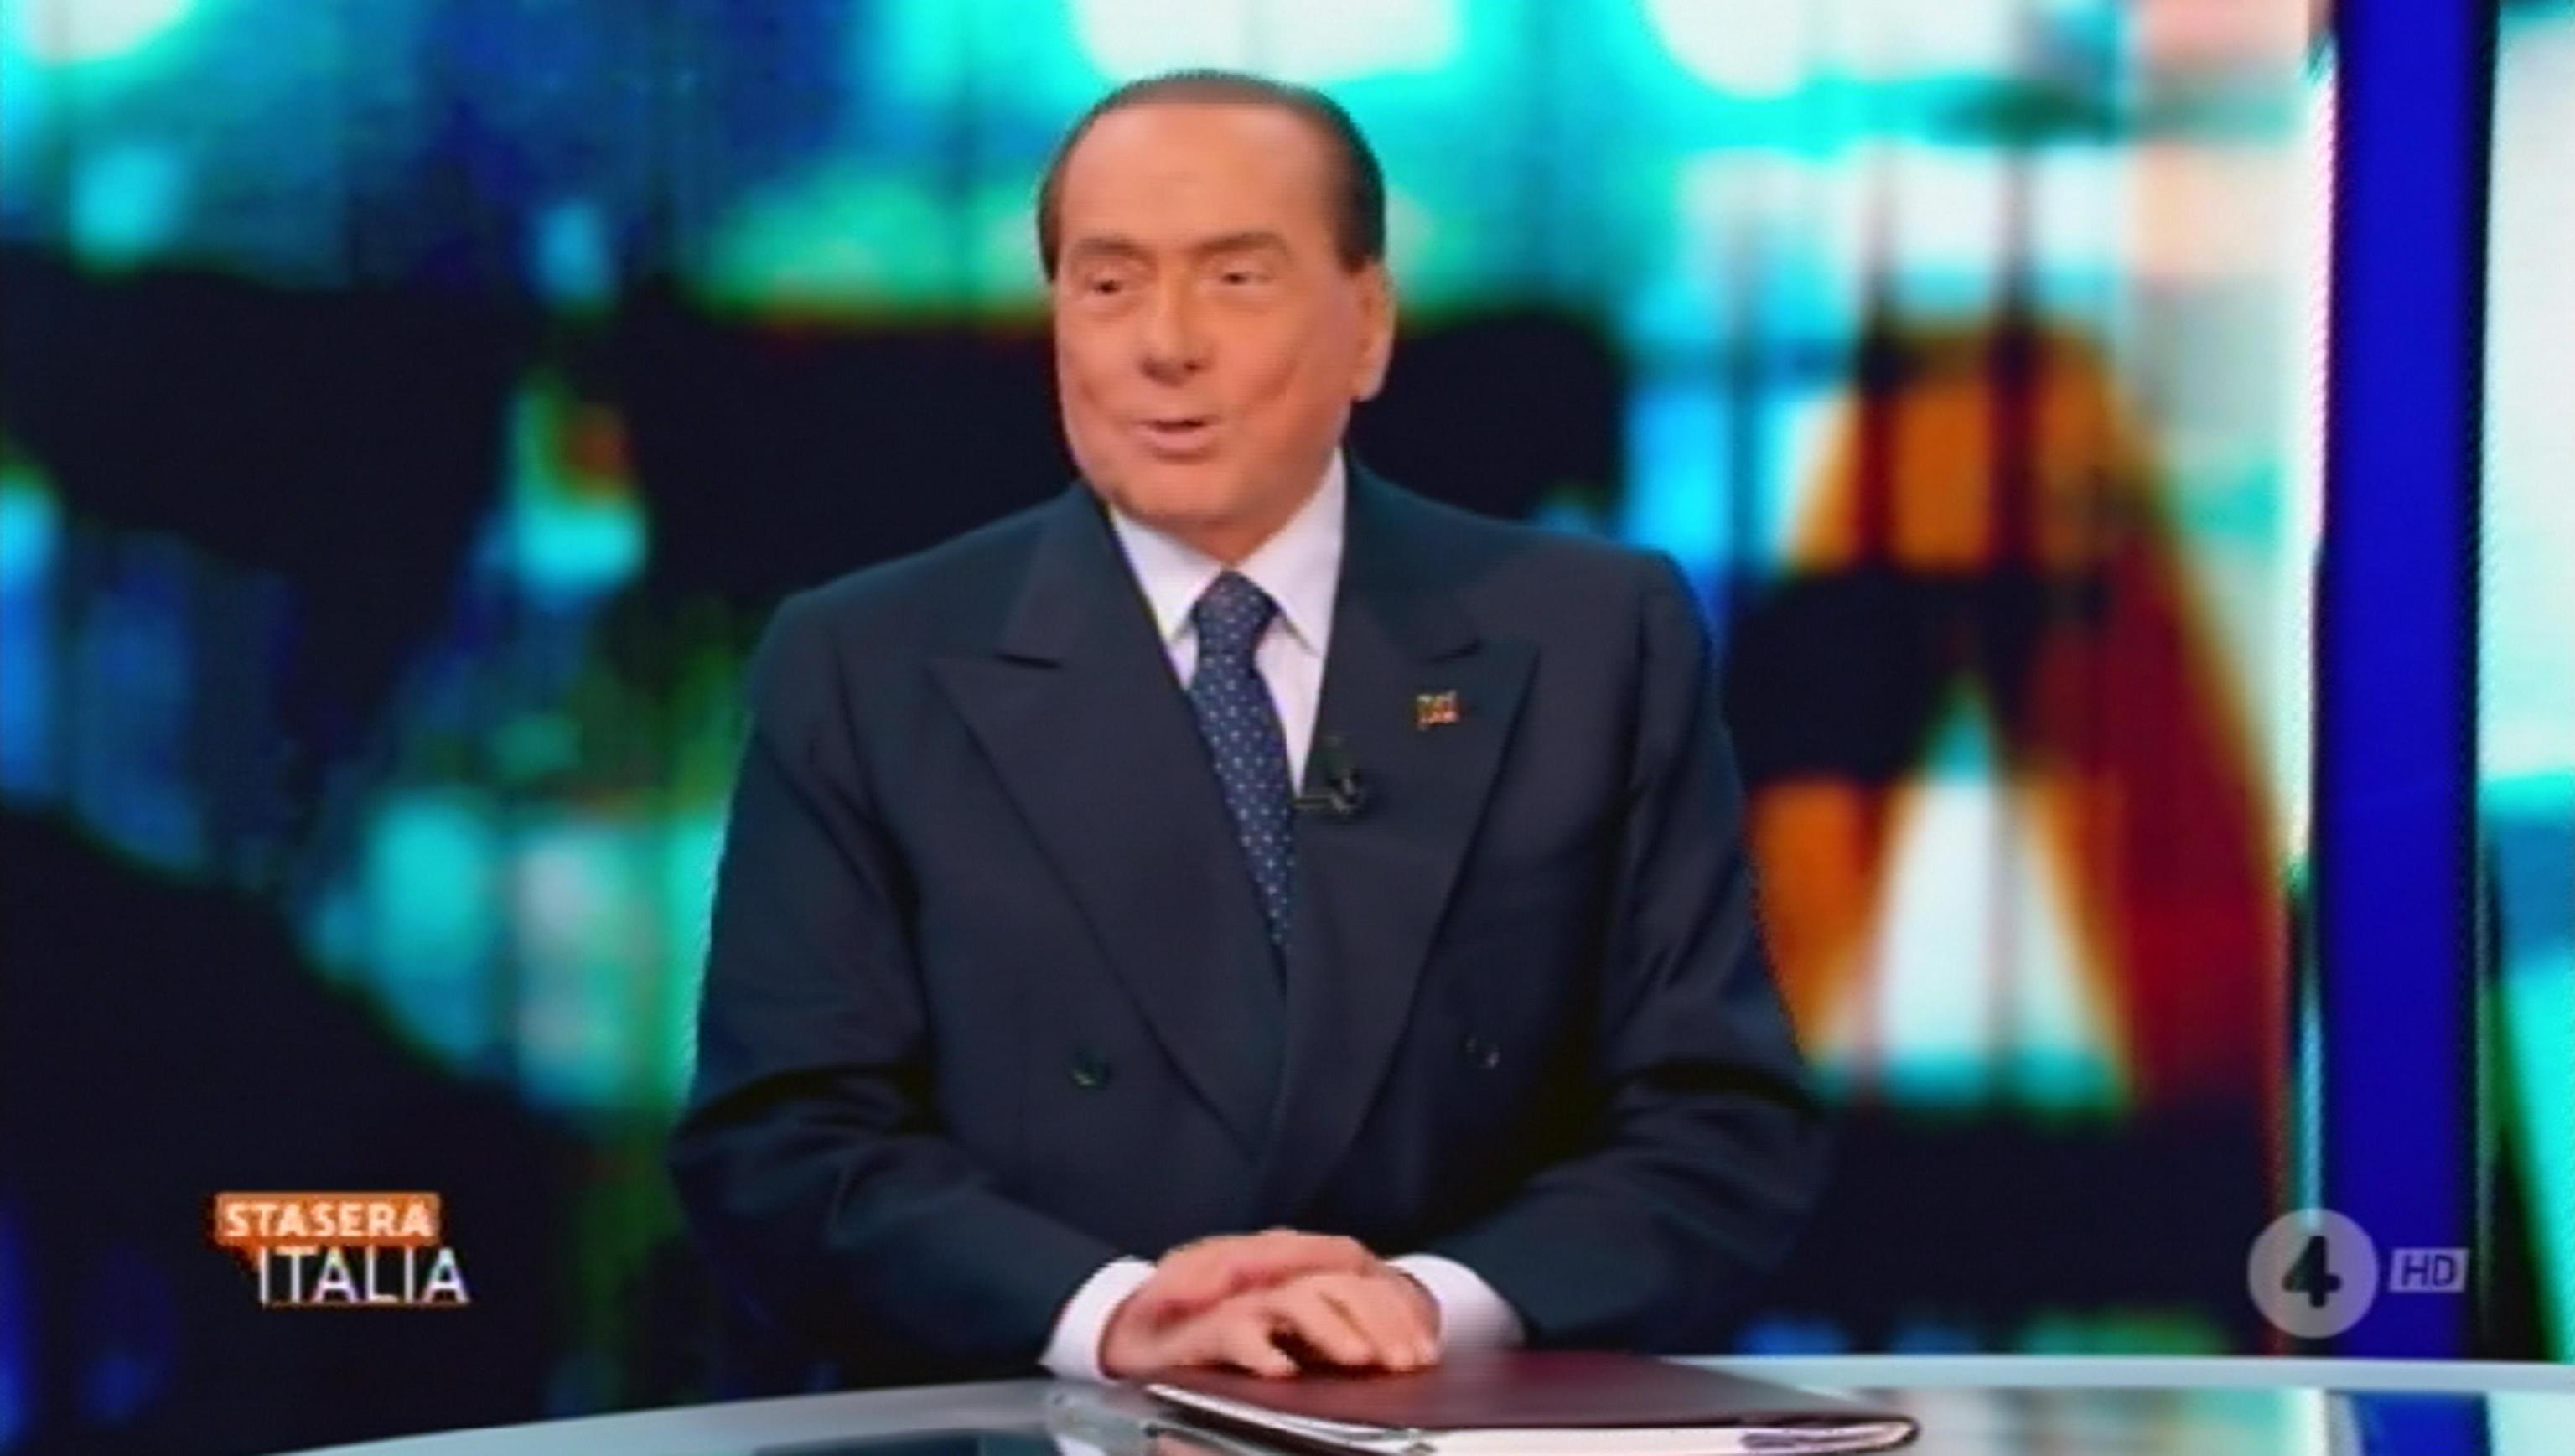 """Silvio Berlusconi: """"Conte un burattino, Di Maio inclassificabile. Italiani vergognatevi"""""""